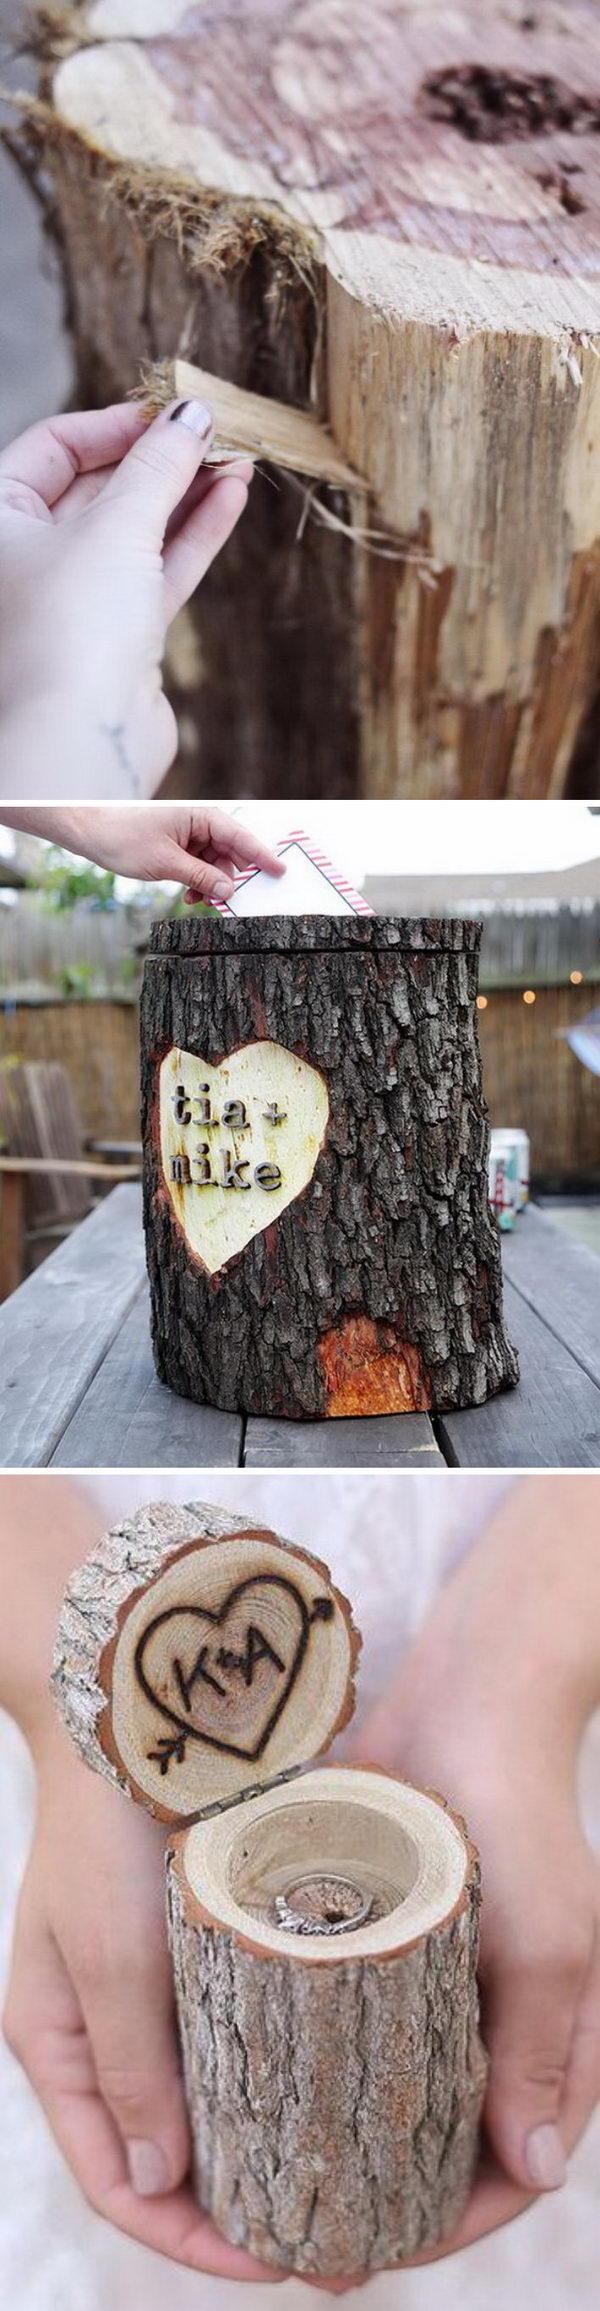 Budget Friendly Rustic Real Wedding Ideas.